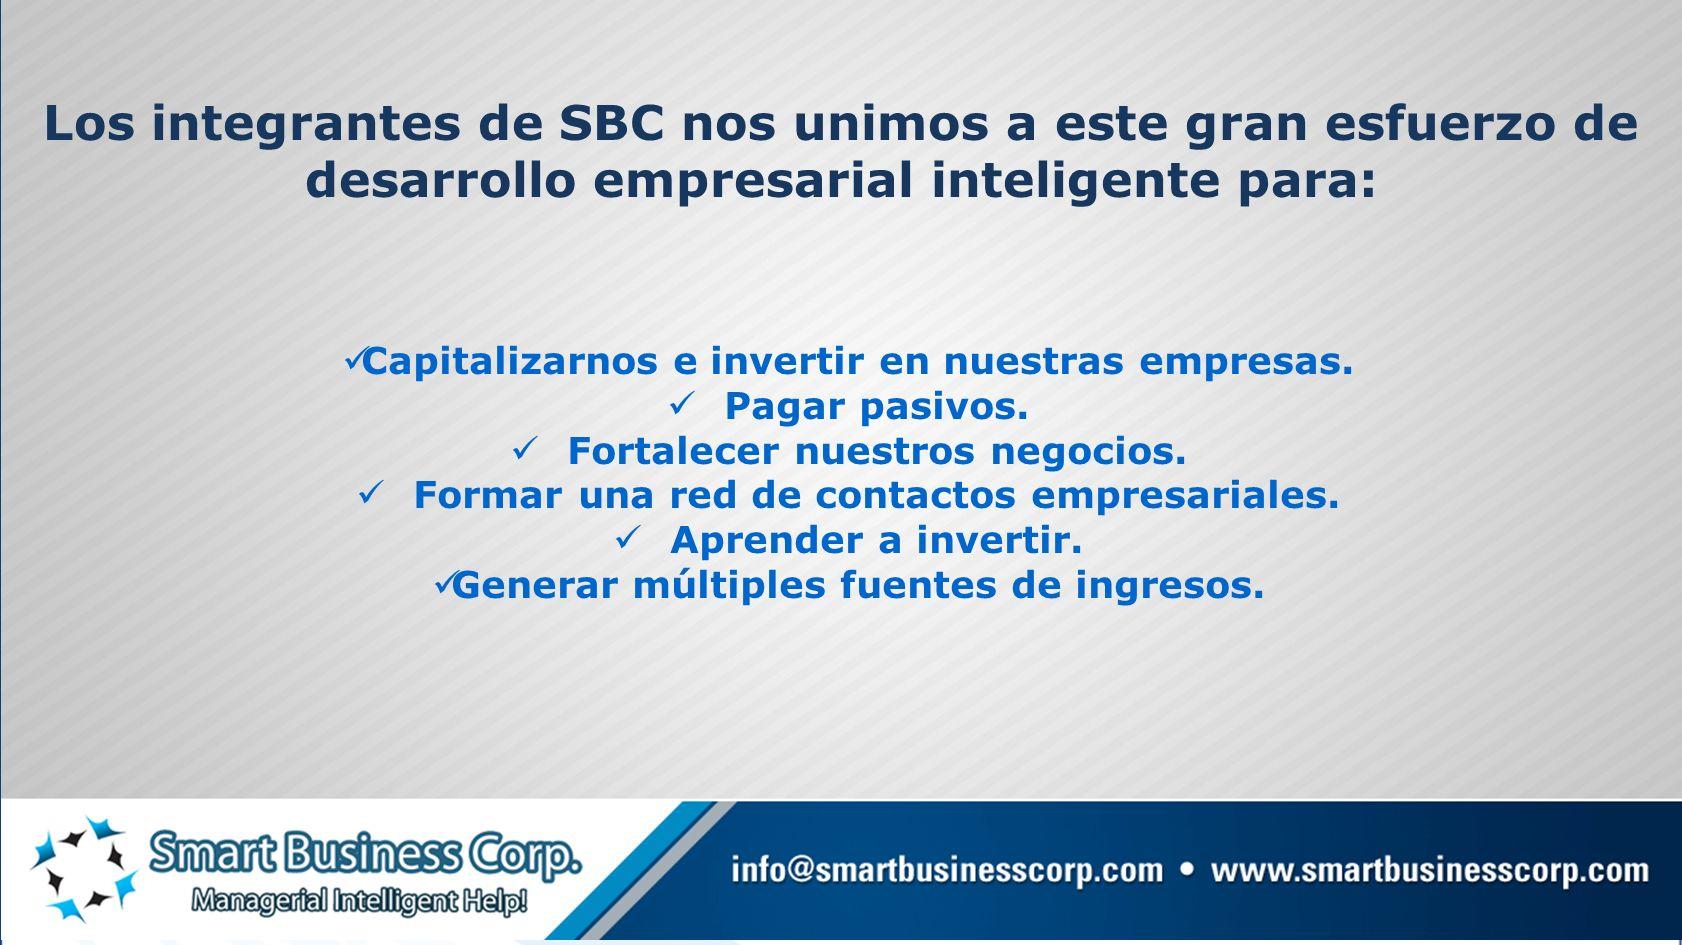 Los integrantes de SBC nos unimos a este gran esfuerzo de desarrollo empresarial inteligente para: Capitalizarnos e invertir en nuestras empresas.